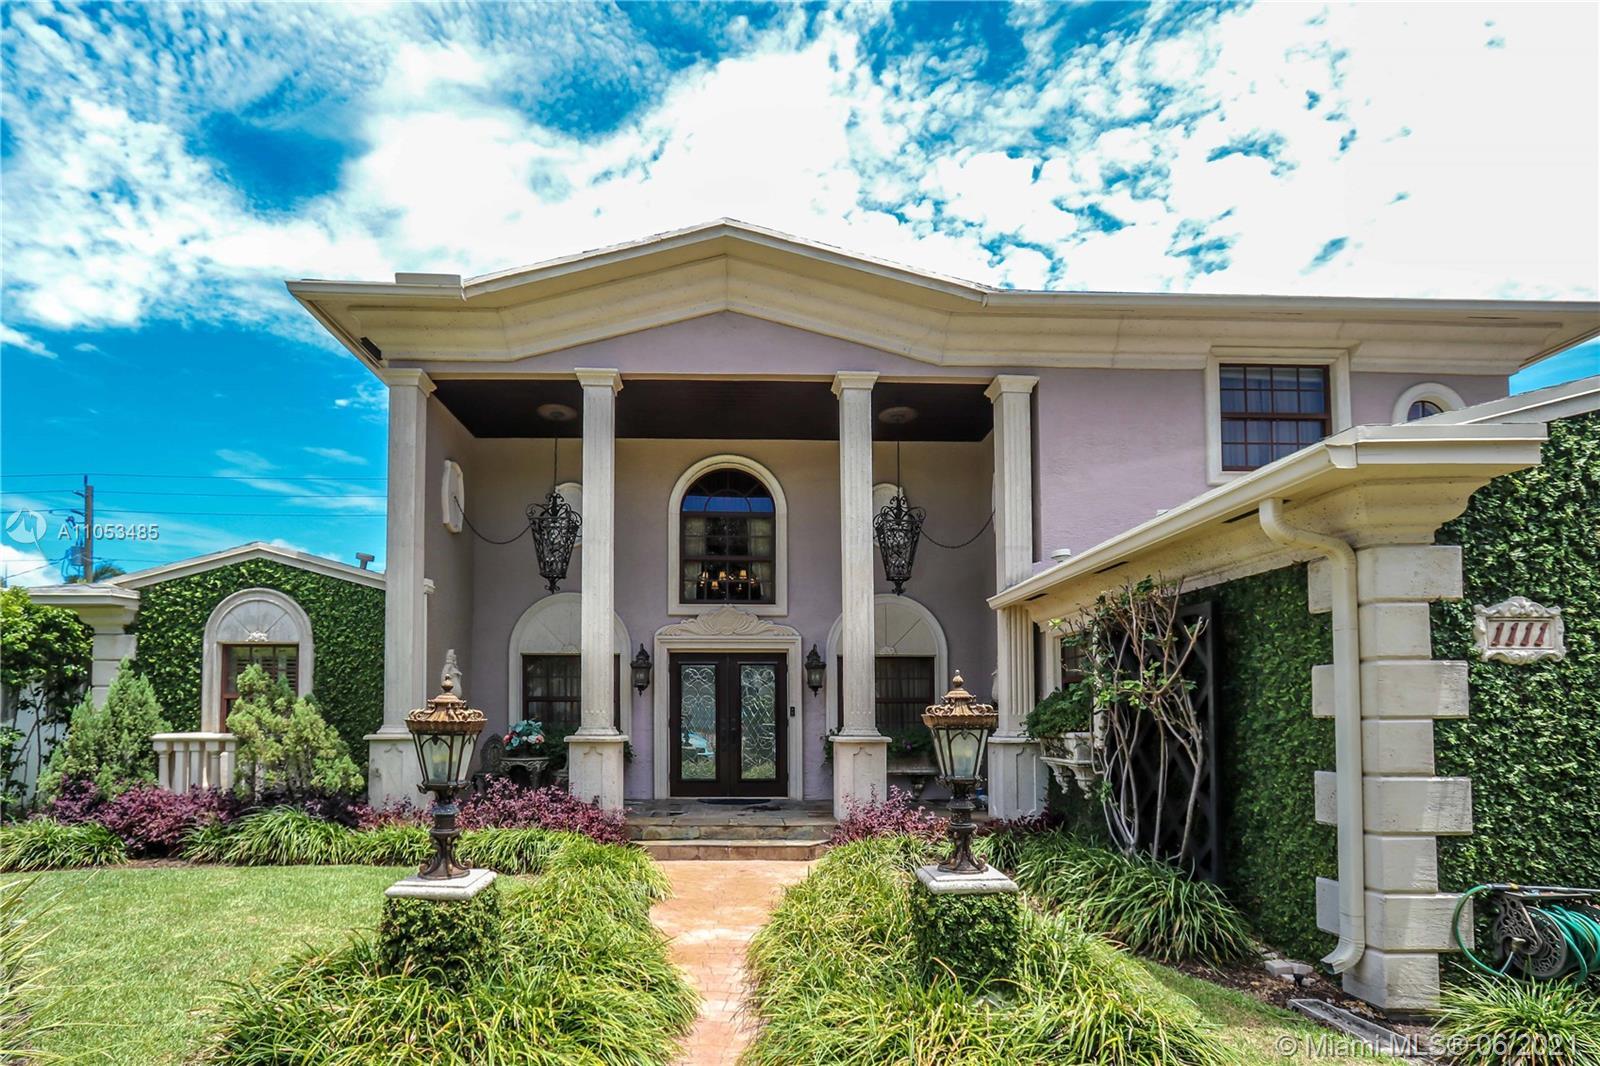 Hollywood Lakes - 1111 Washington St, Hollywood, FL 33019